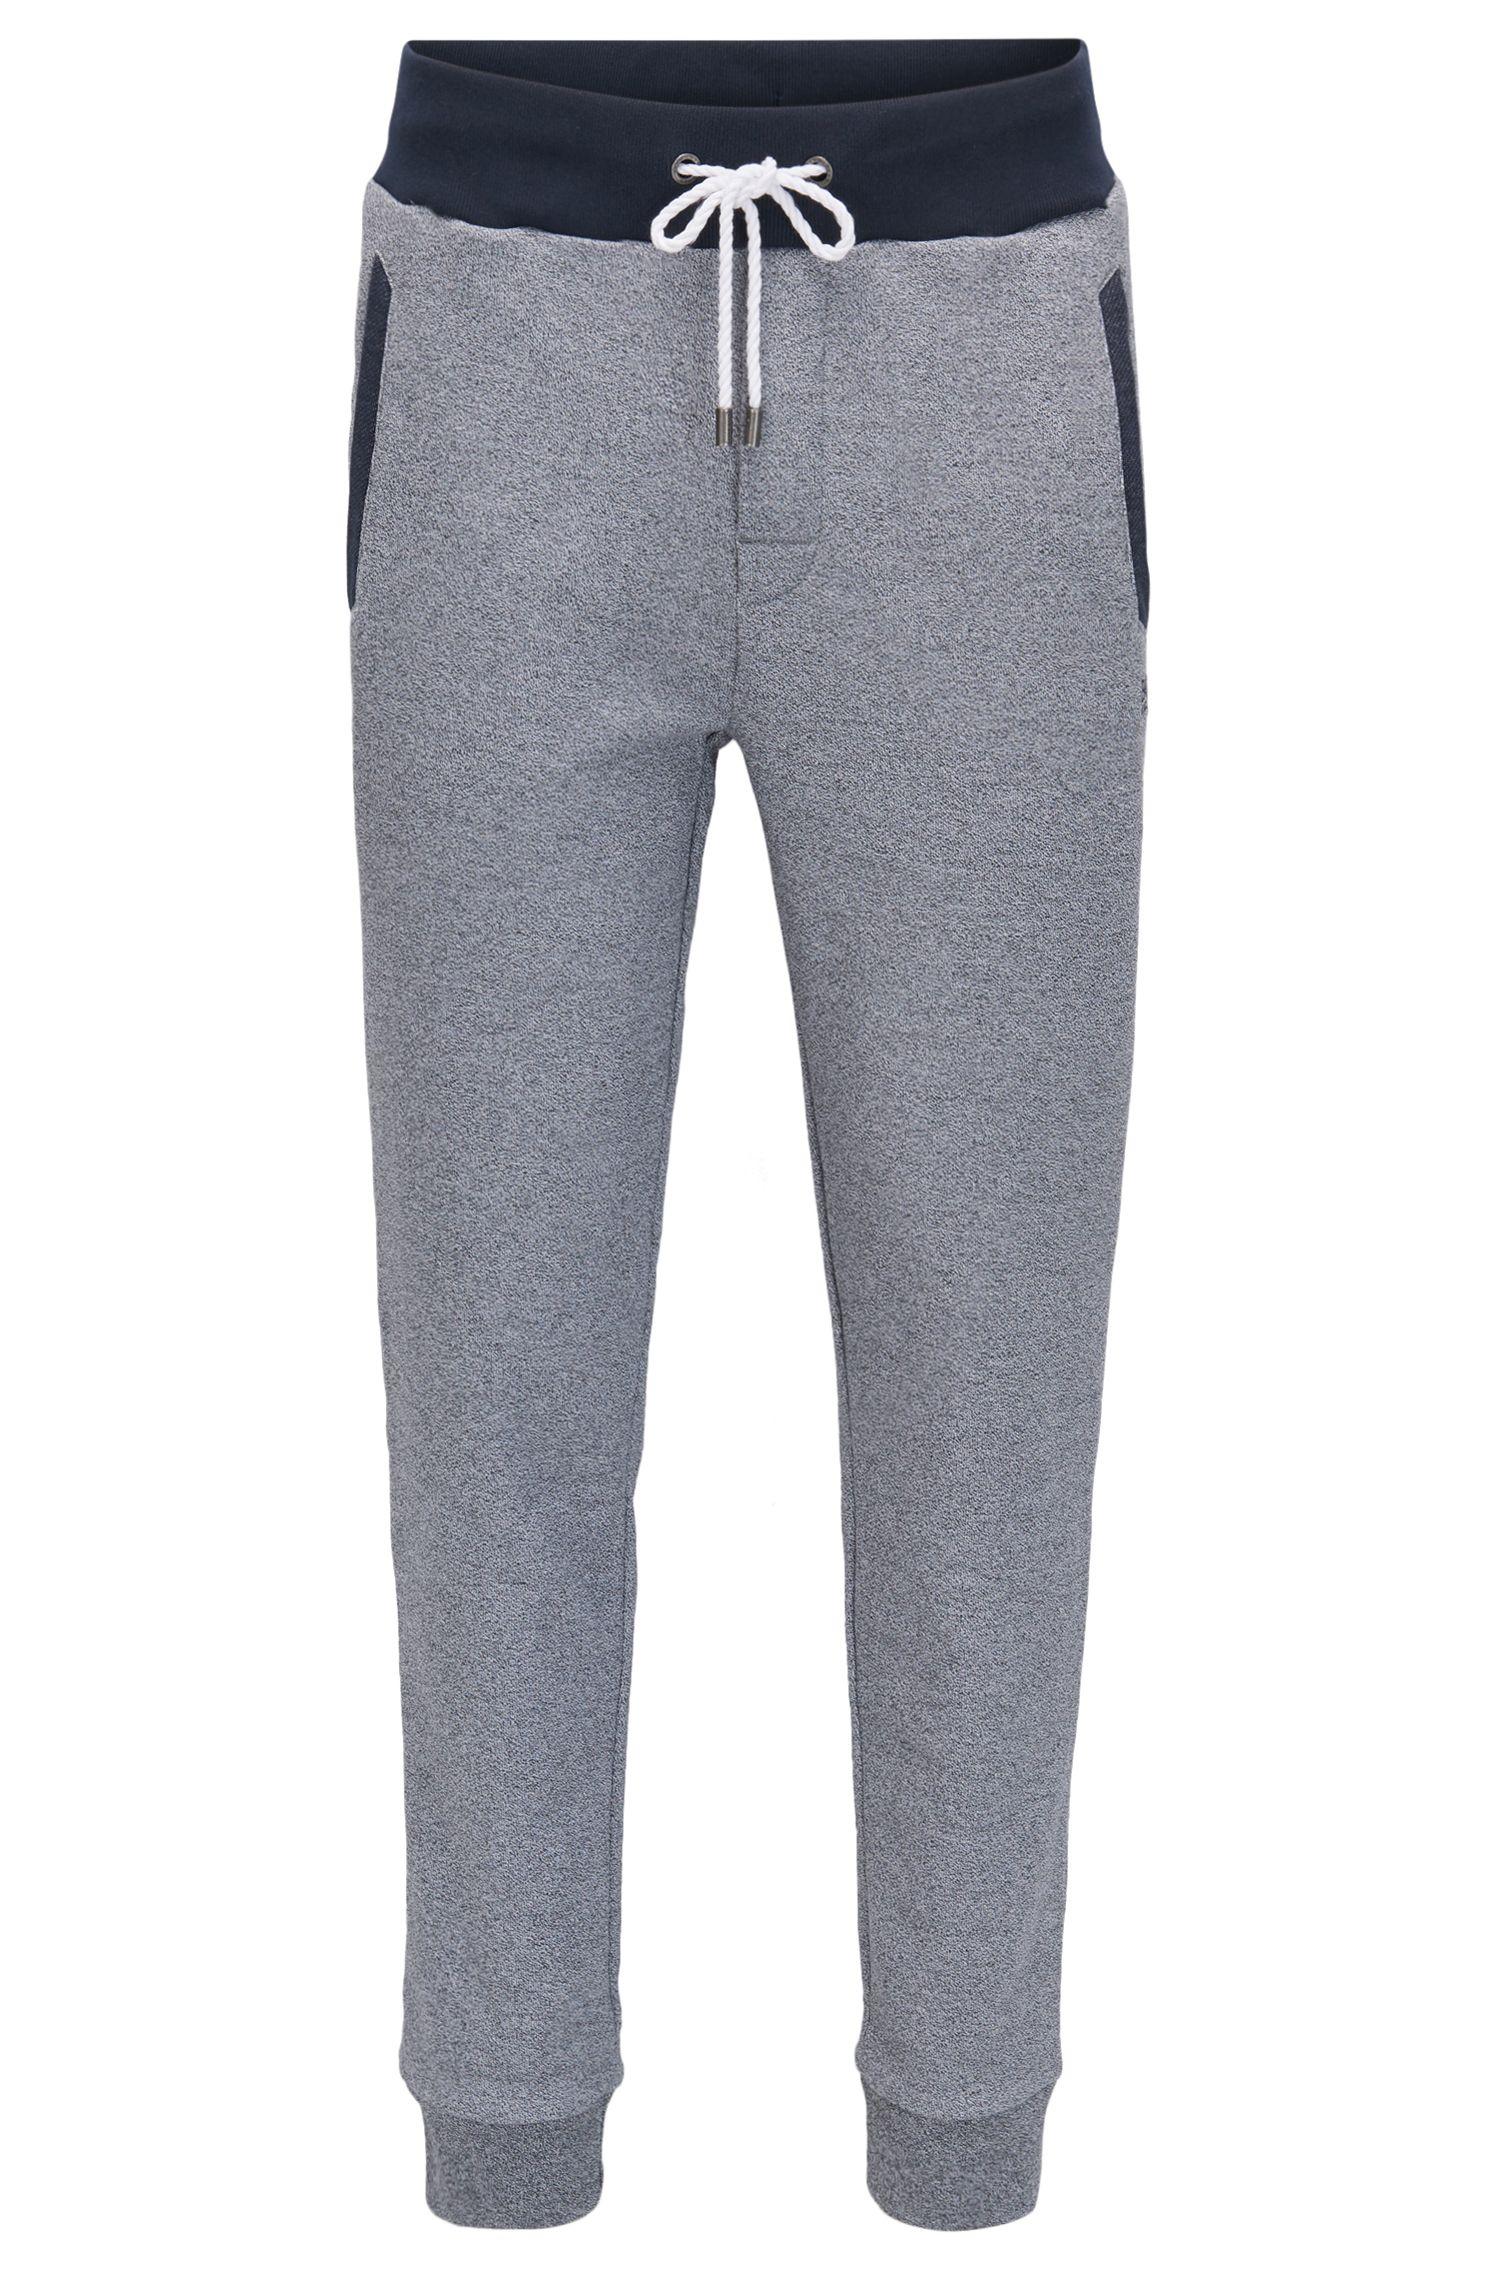 Pantalon d'intérieur en tissu éponge chiné resserré au bas des jambes